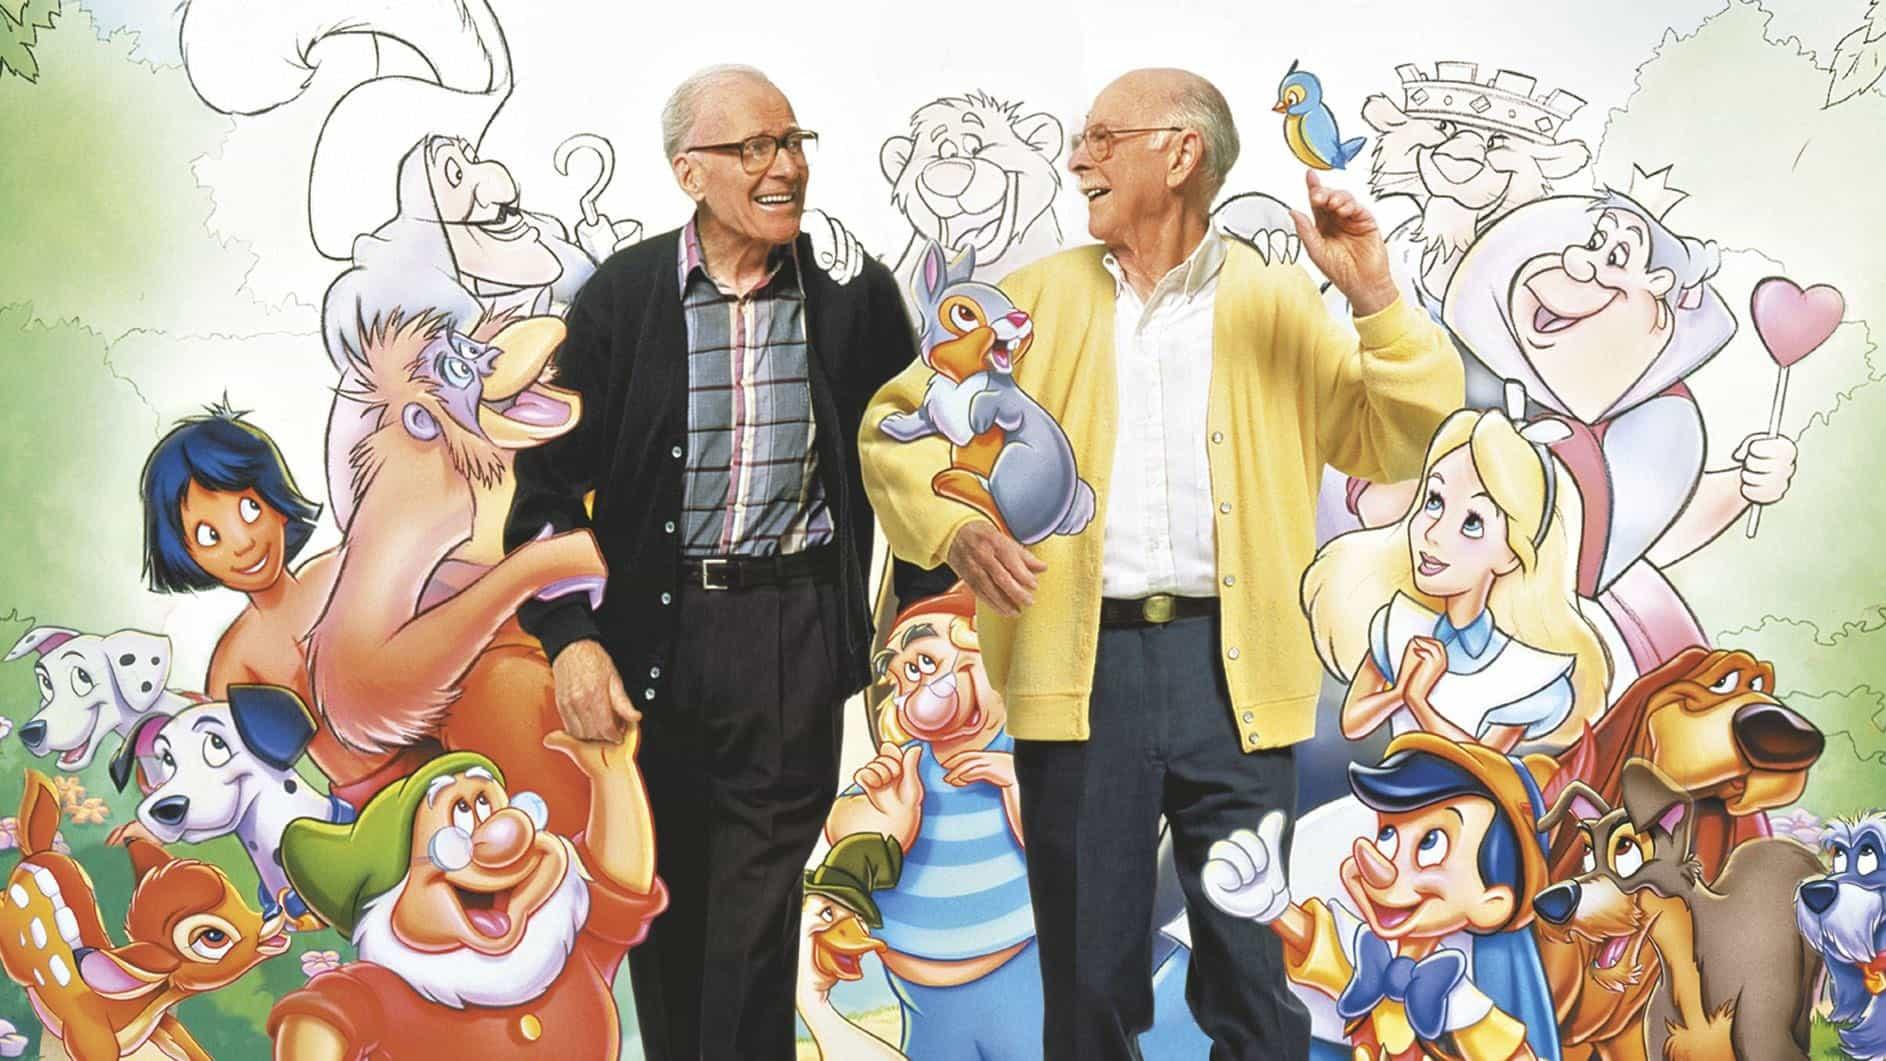 7 exposiciones de arte visita obligada en Disney-Plus